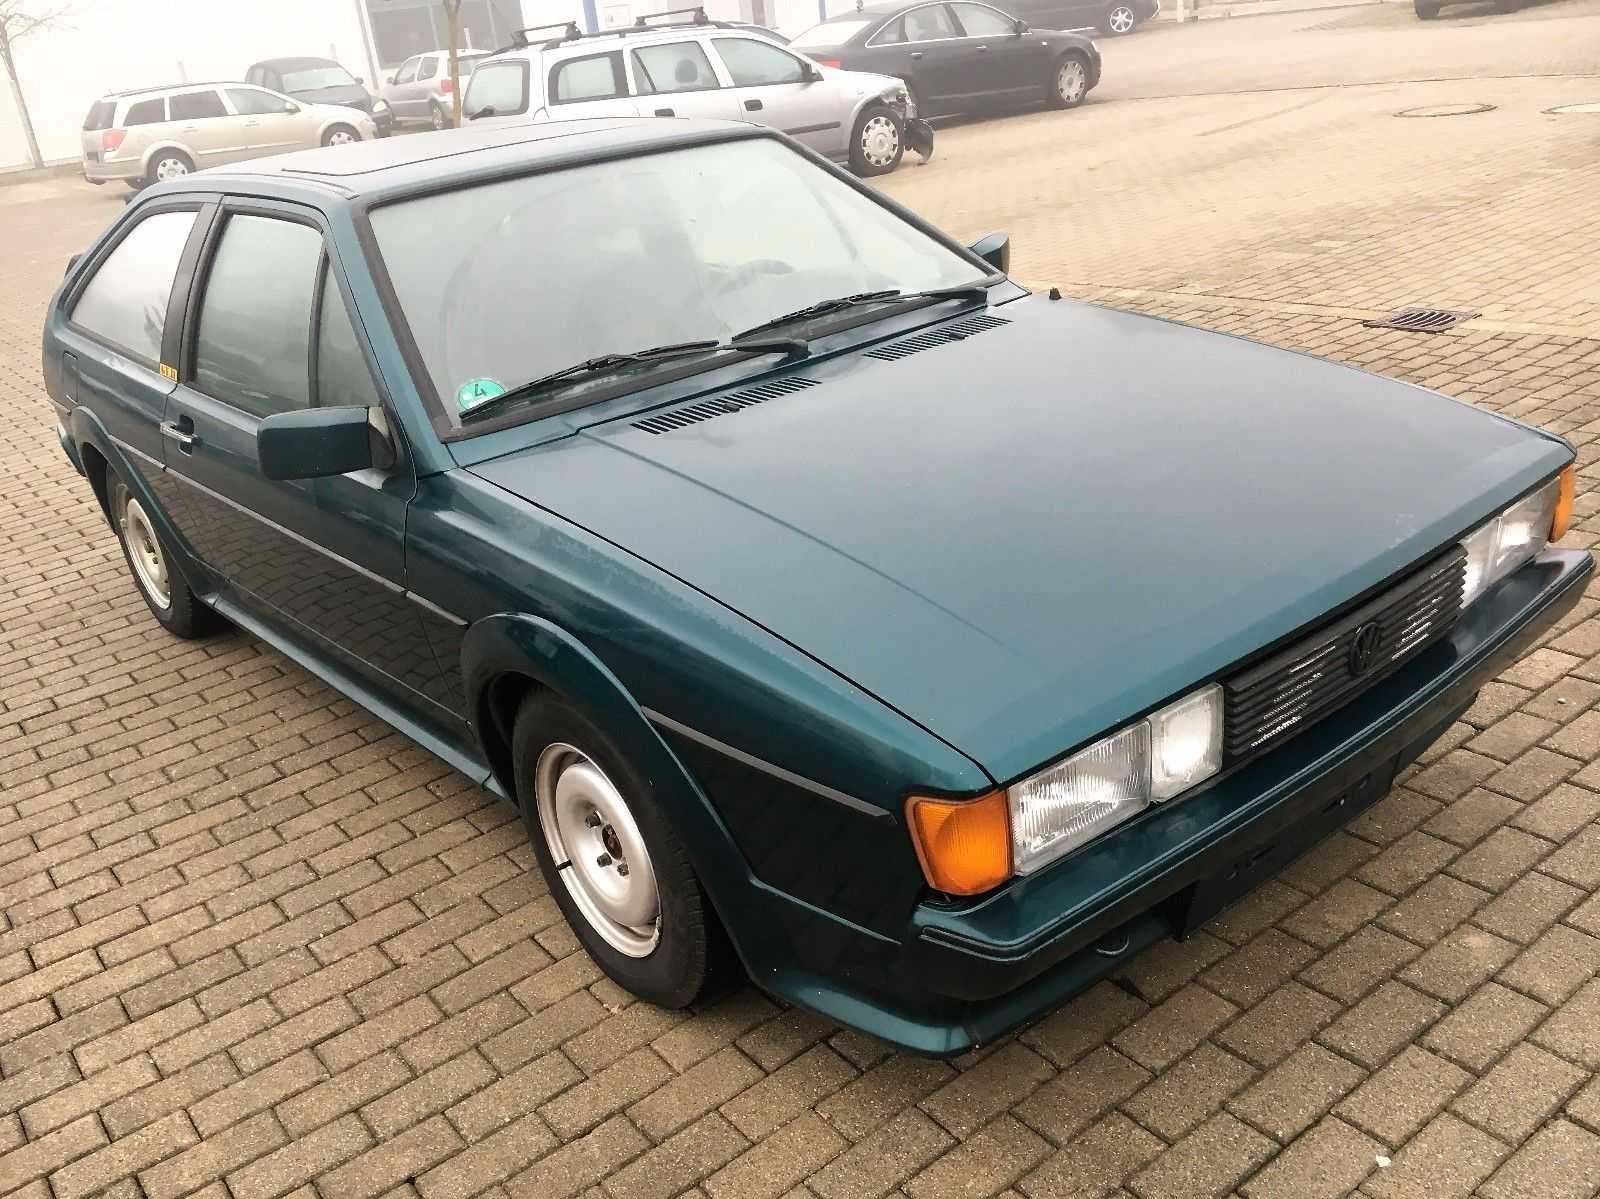 eBay.de - Mobiles günstiger - *** VW Scirocco 2 GT II Typ 53B 1,8 ...